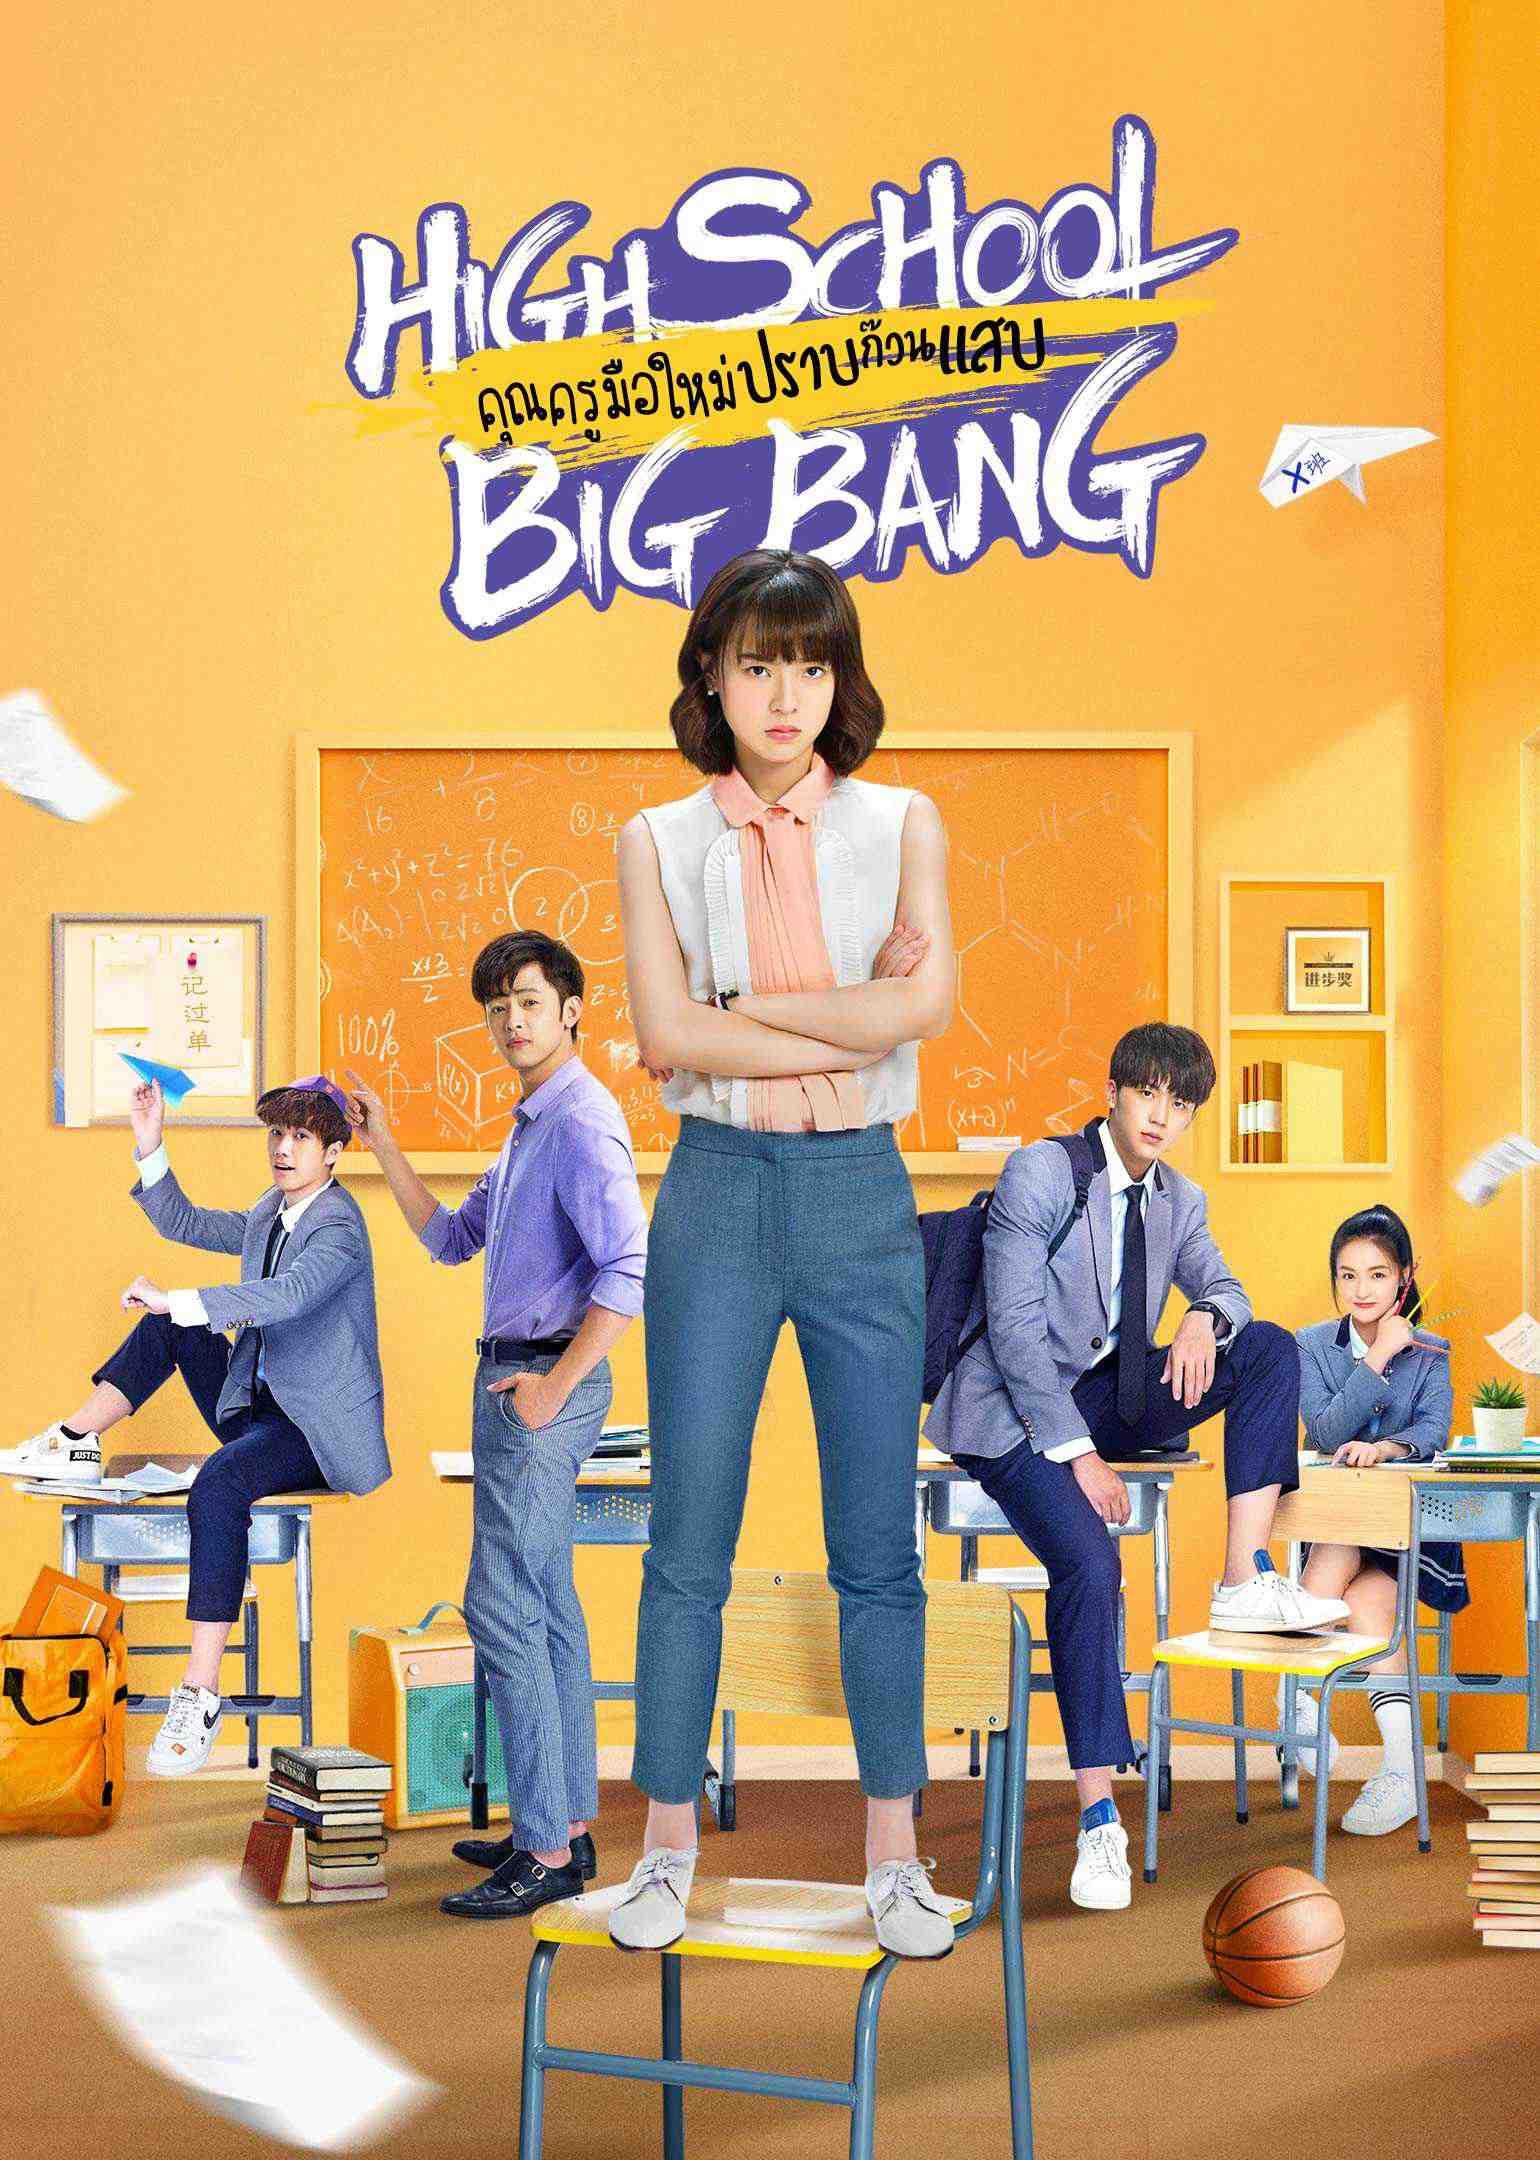 คุณครูมือใหม่ ปราบก๊วนแสบ (2020) High School Big Bang ซับไทย EP1 – EP6